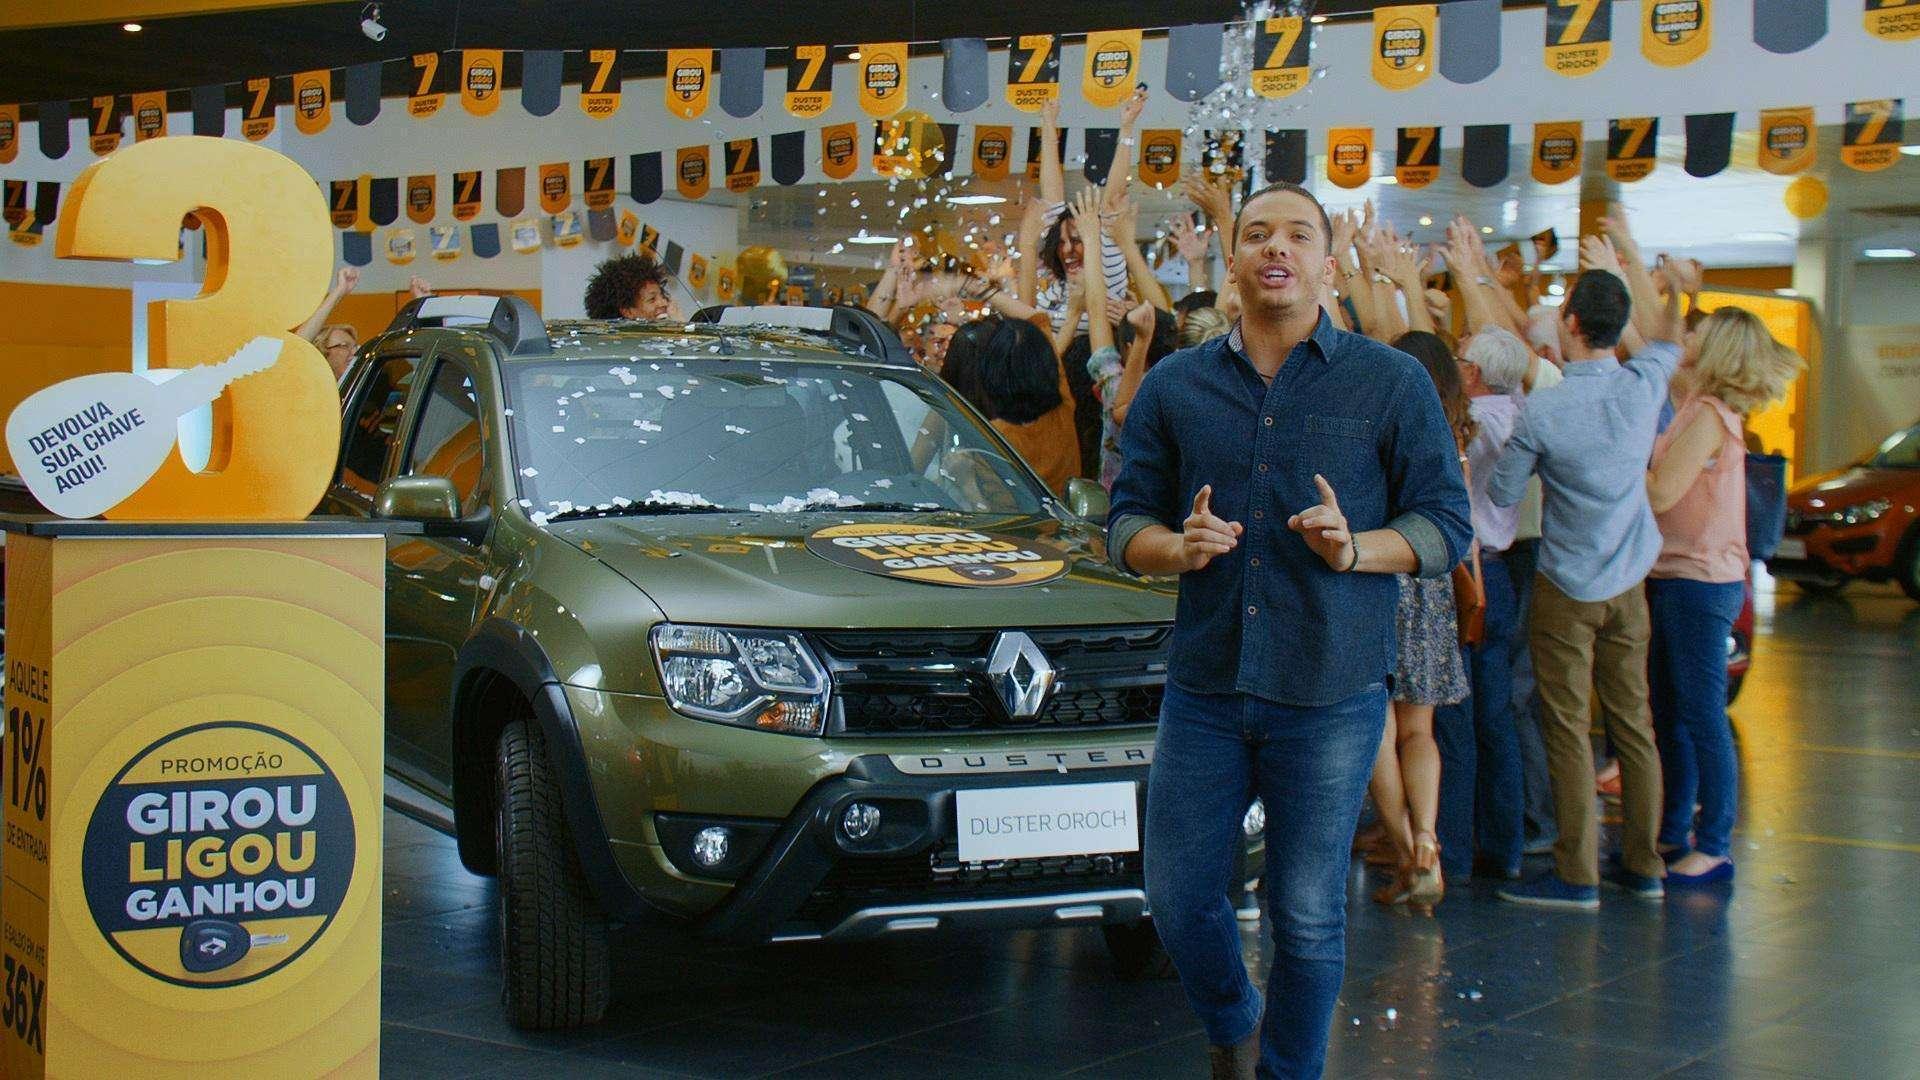 Renault inicia promoção Girou, Ligou, Ganhou, com sorteio de 7 picapes Oroch